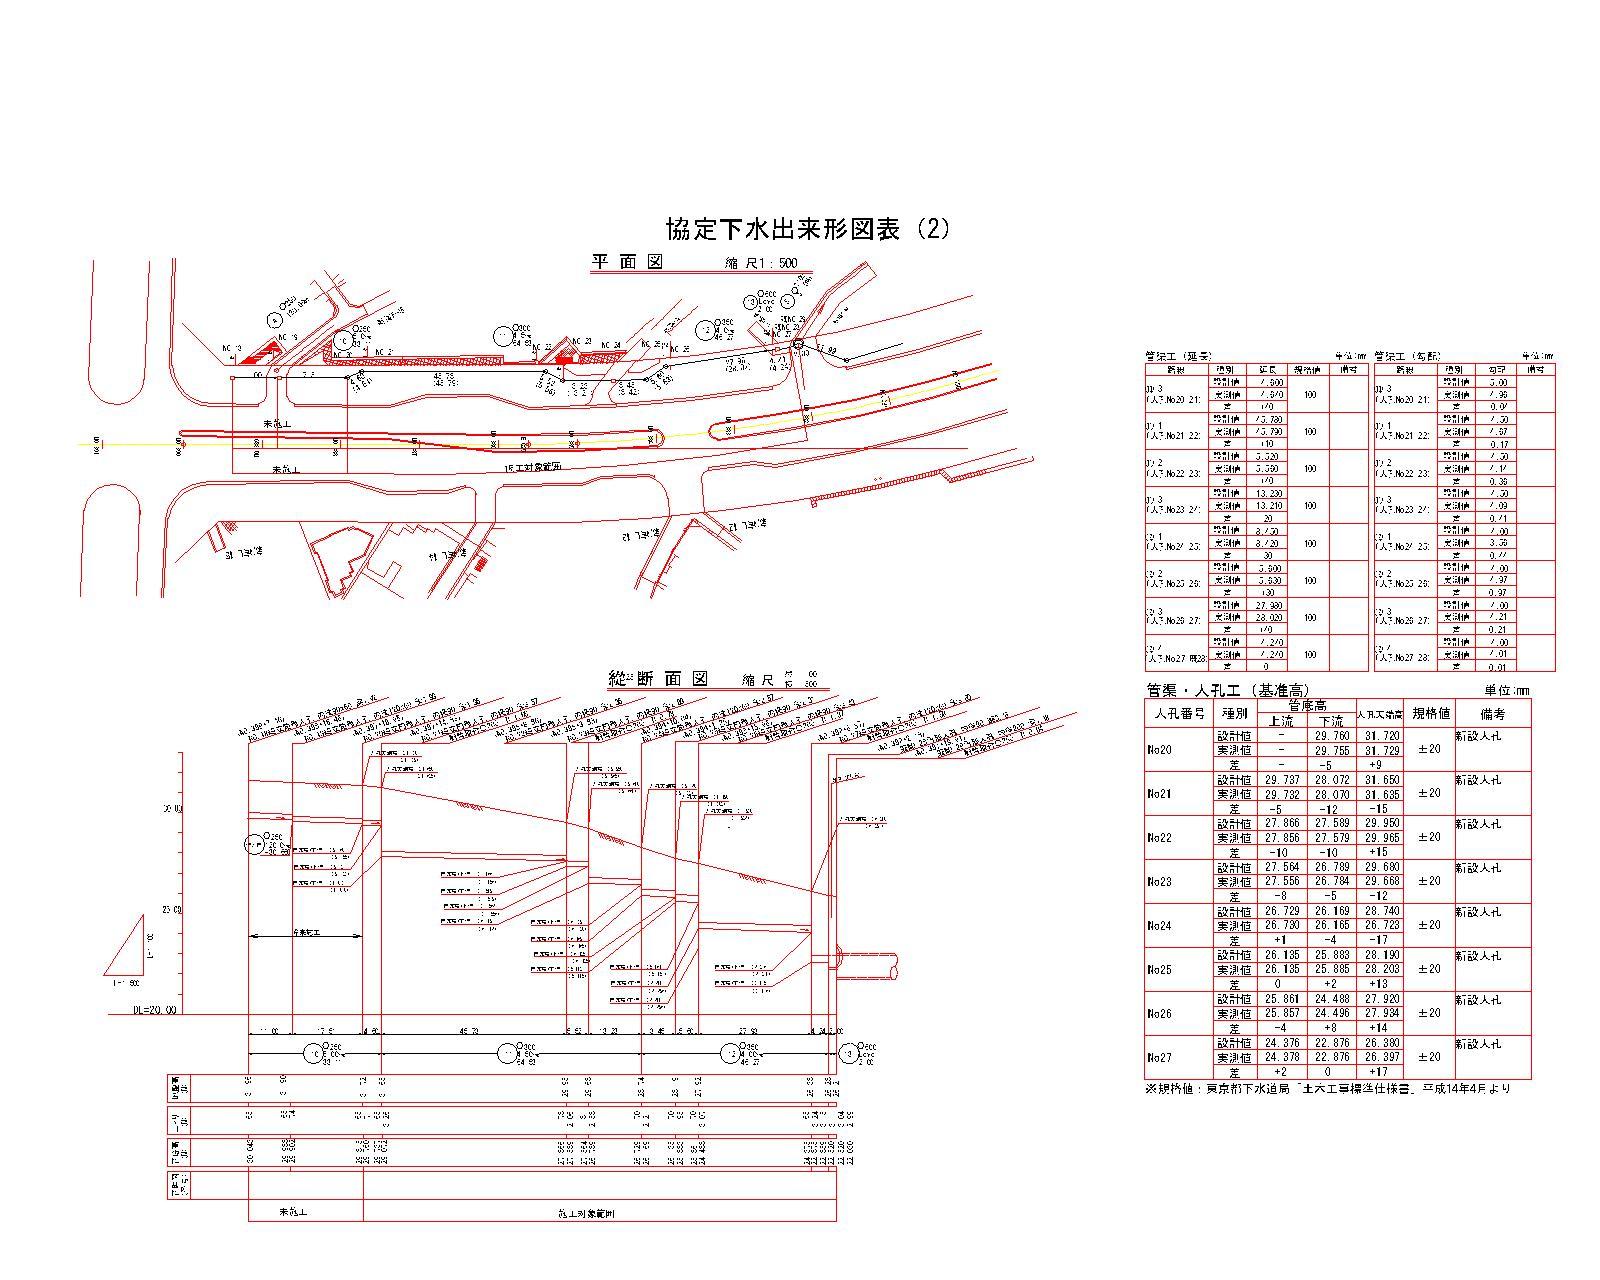 協定下水出来形図表(2)140121-モデル